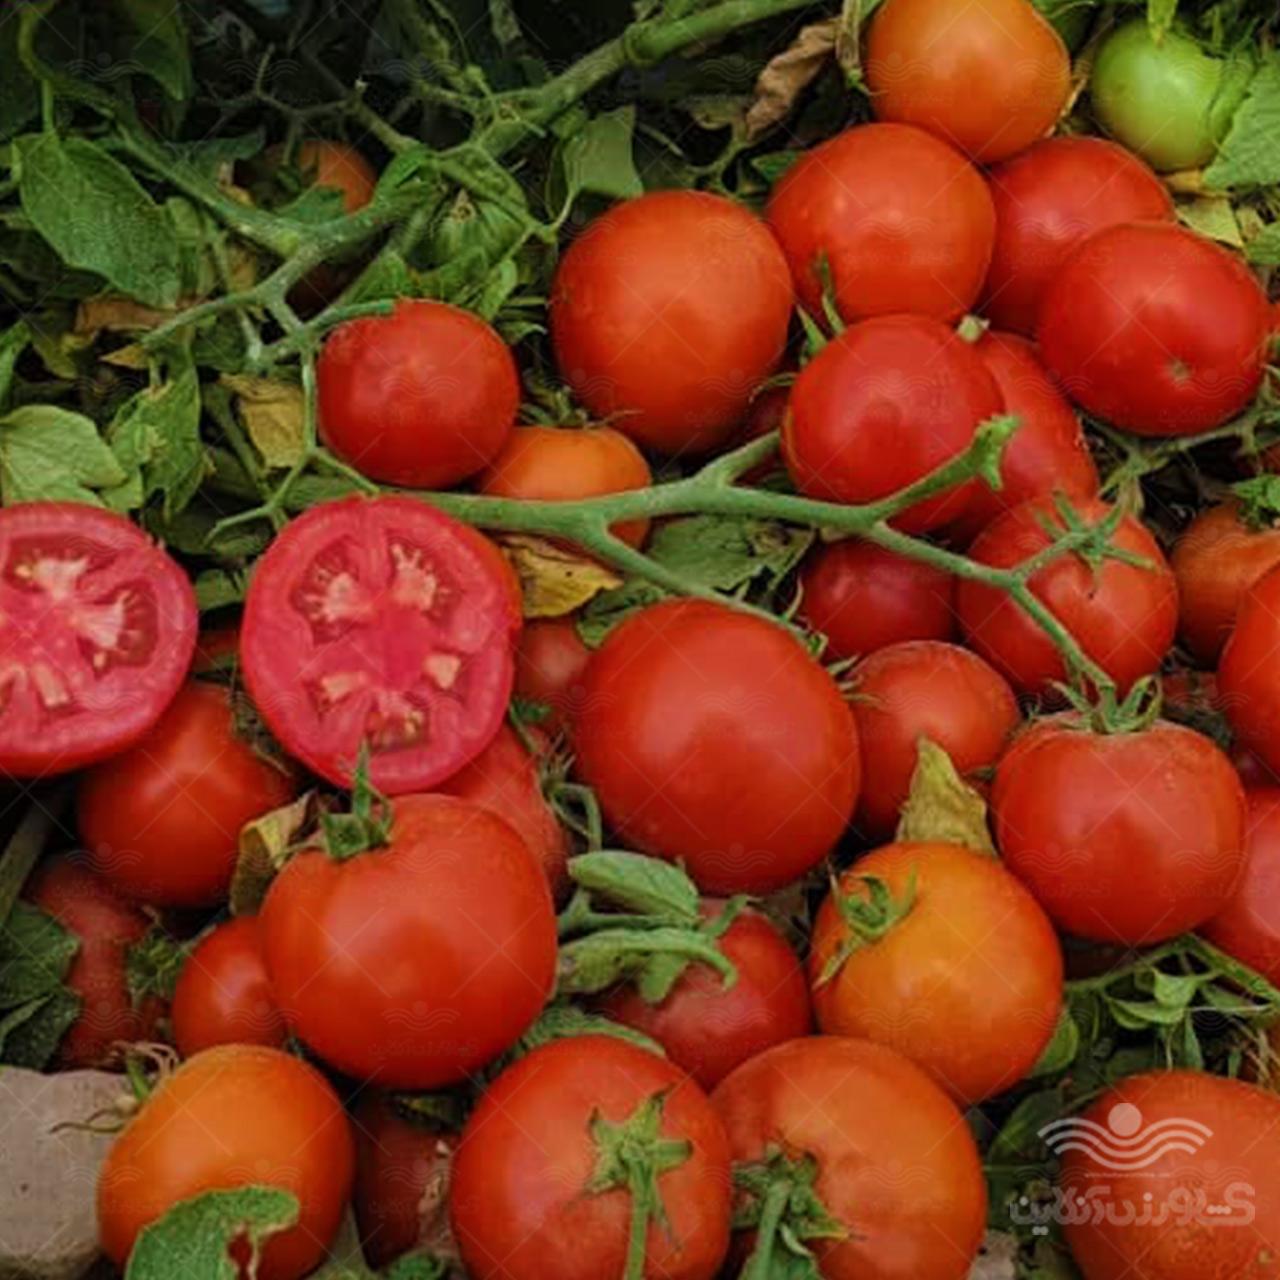 بذر گوجه فرنگی تروی تایلند ویژه صادرات